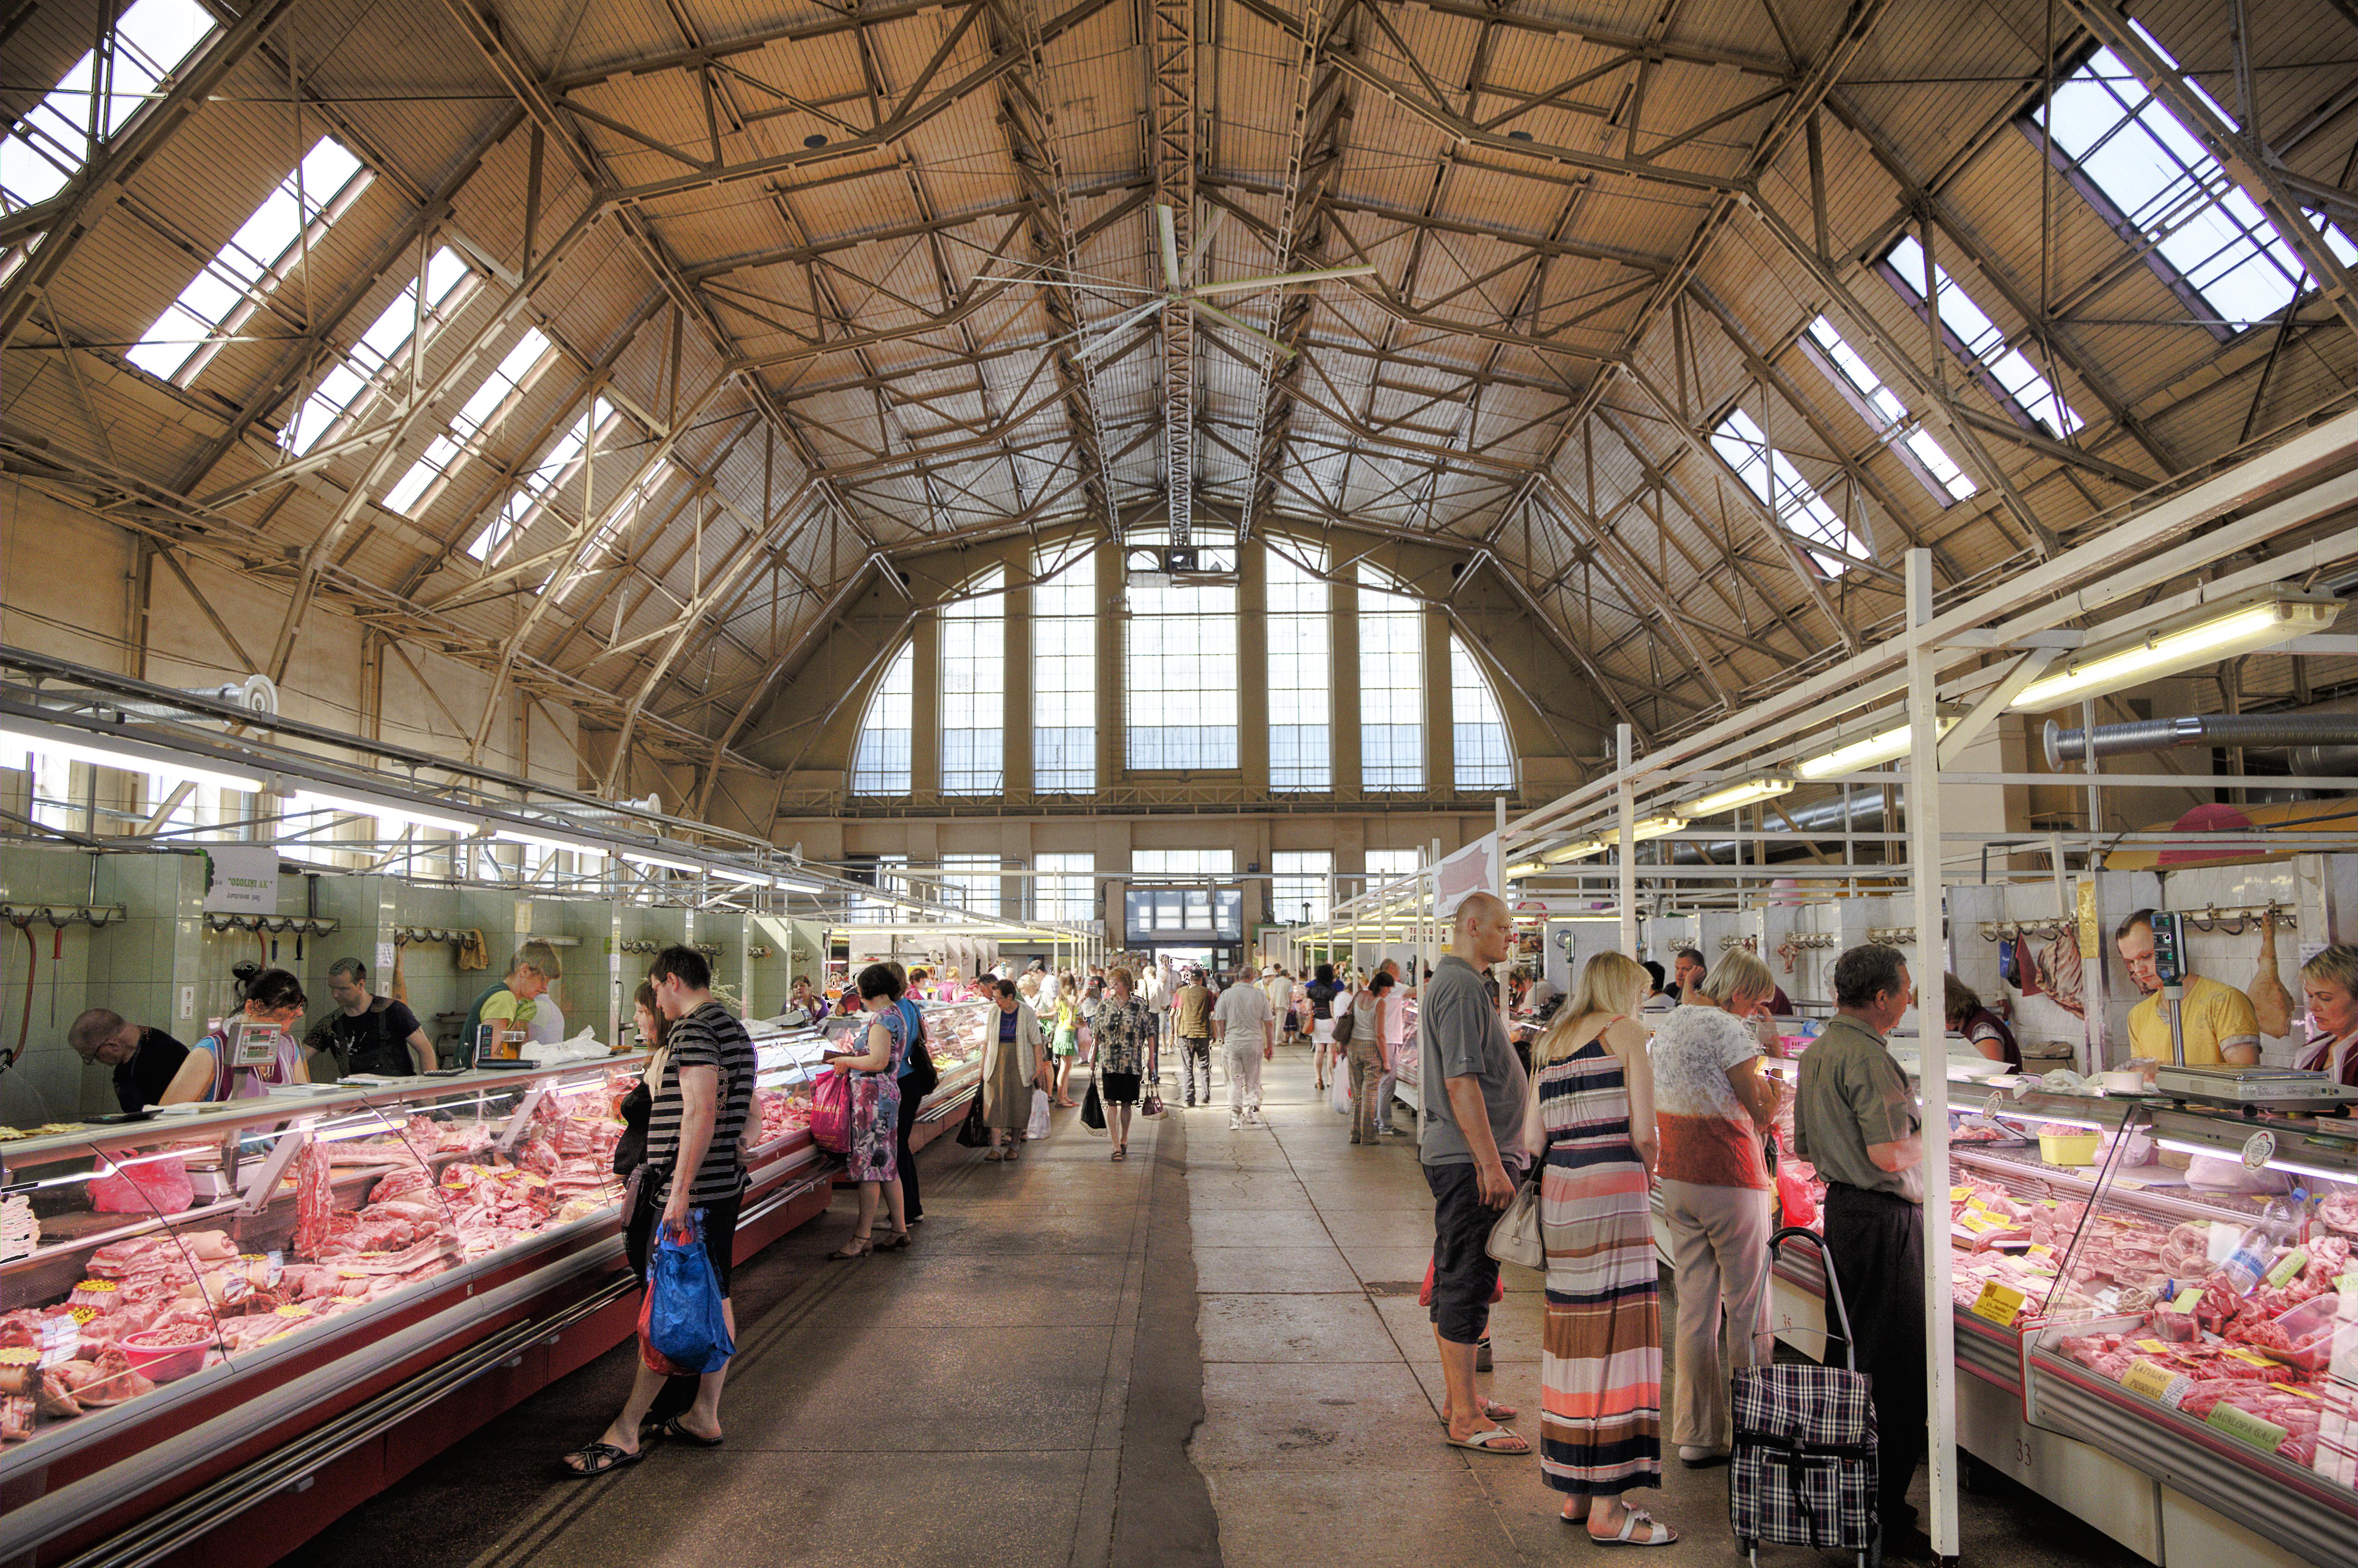 Внутренний вид одного из павильонов рынка в Риге. Крышу держат конструкции ангара для цеппелинов.